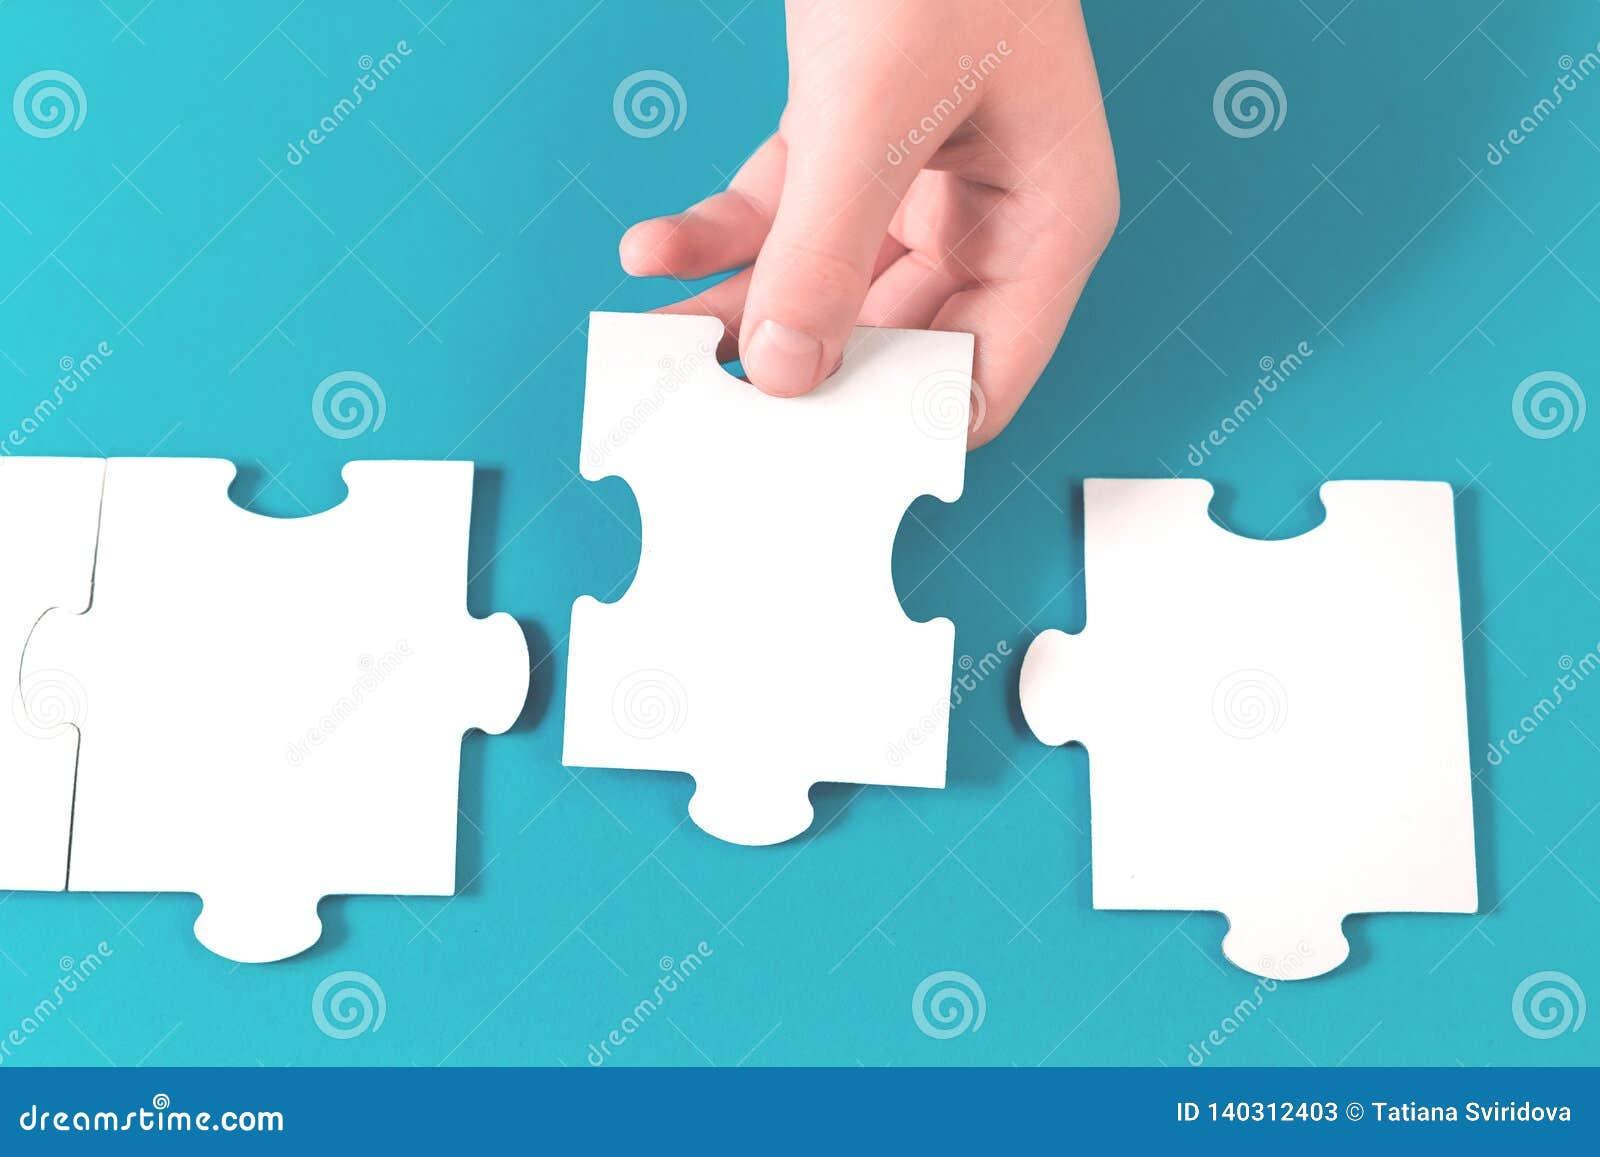 Parte do enigma de serra de vaivém em uma mão